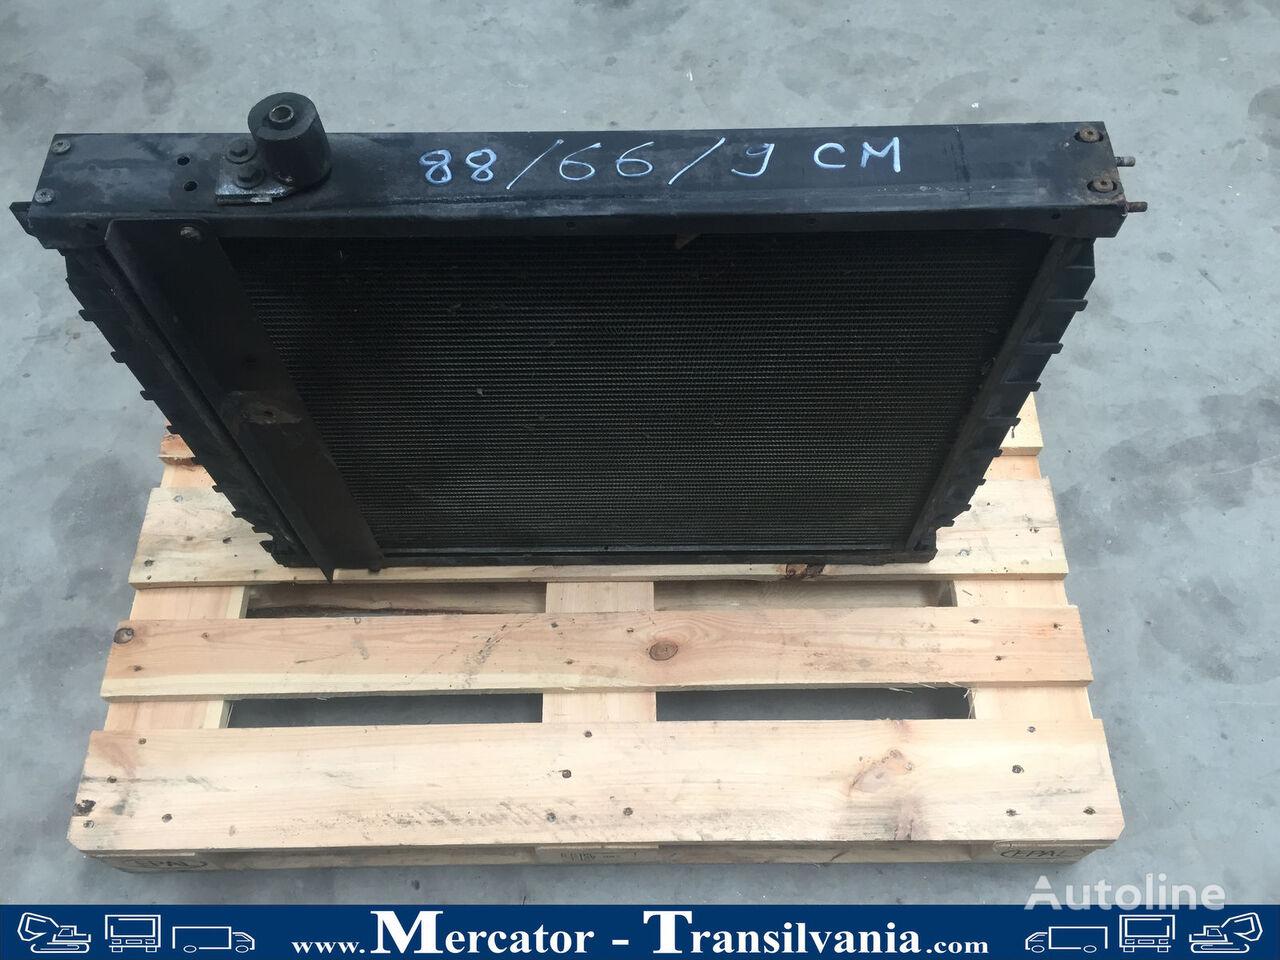 Motorkühler für engine cooling radiator for SETRA SG 321 UL bus for parts